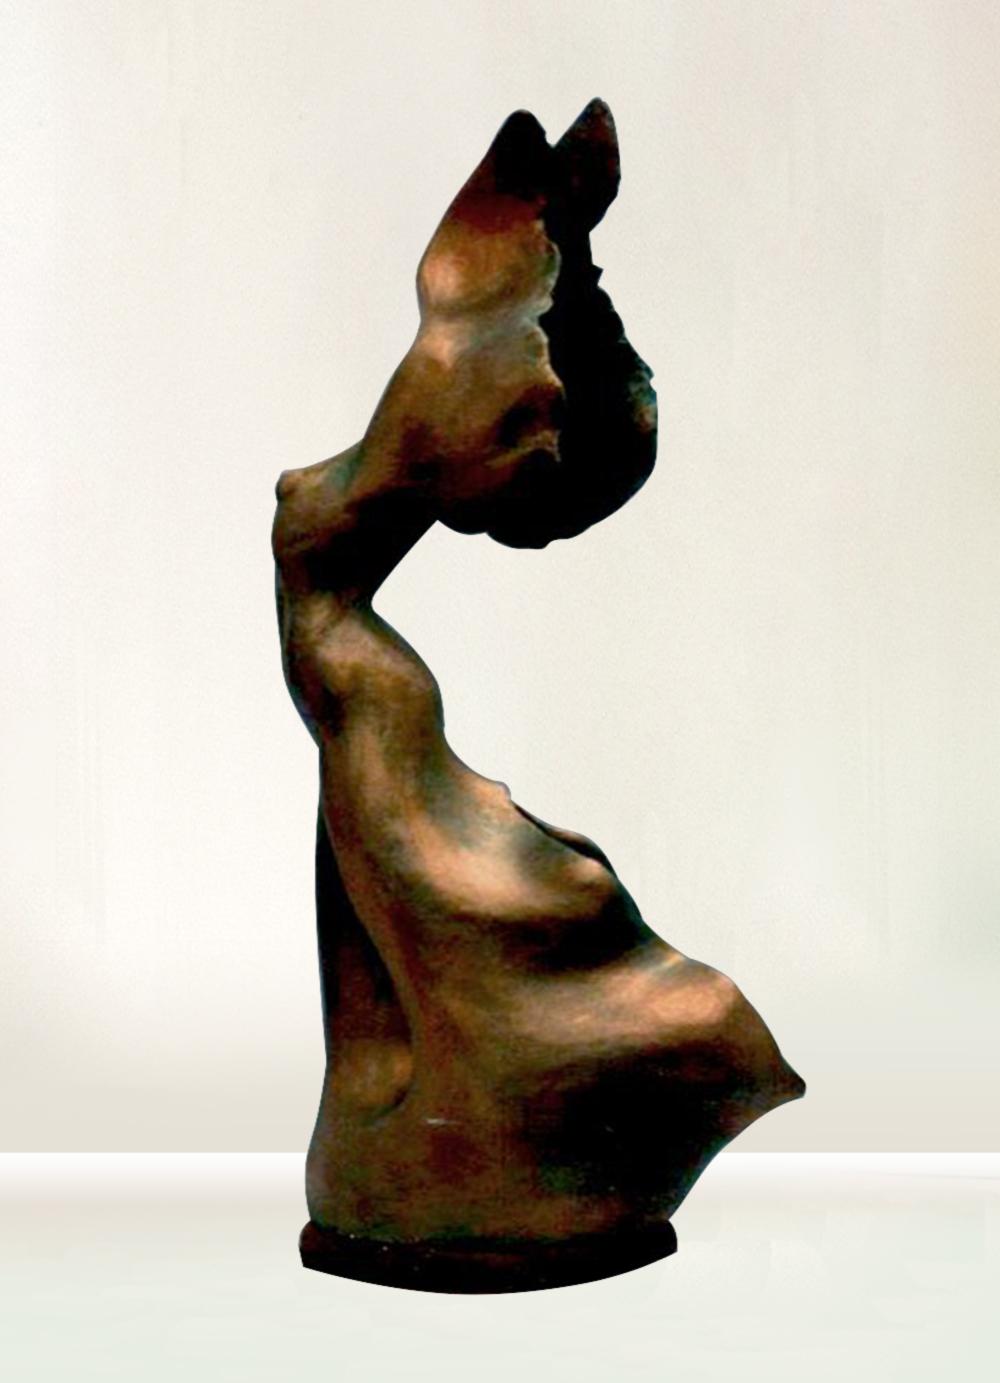 Escultura-Victoria-A-Figurativo-Abstracto-RD.Escultor